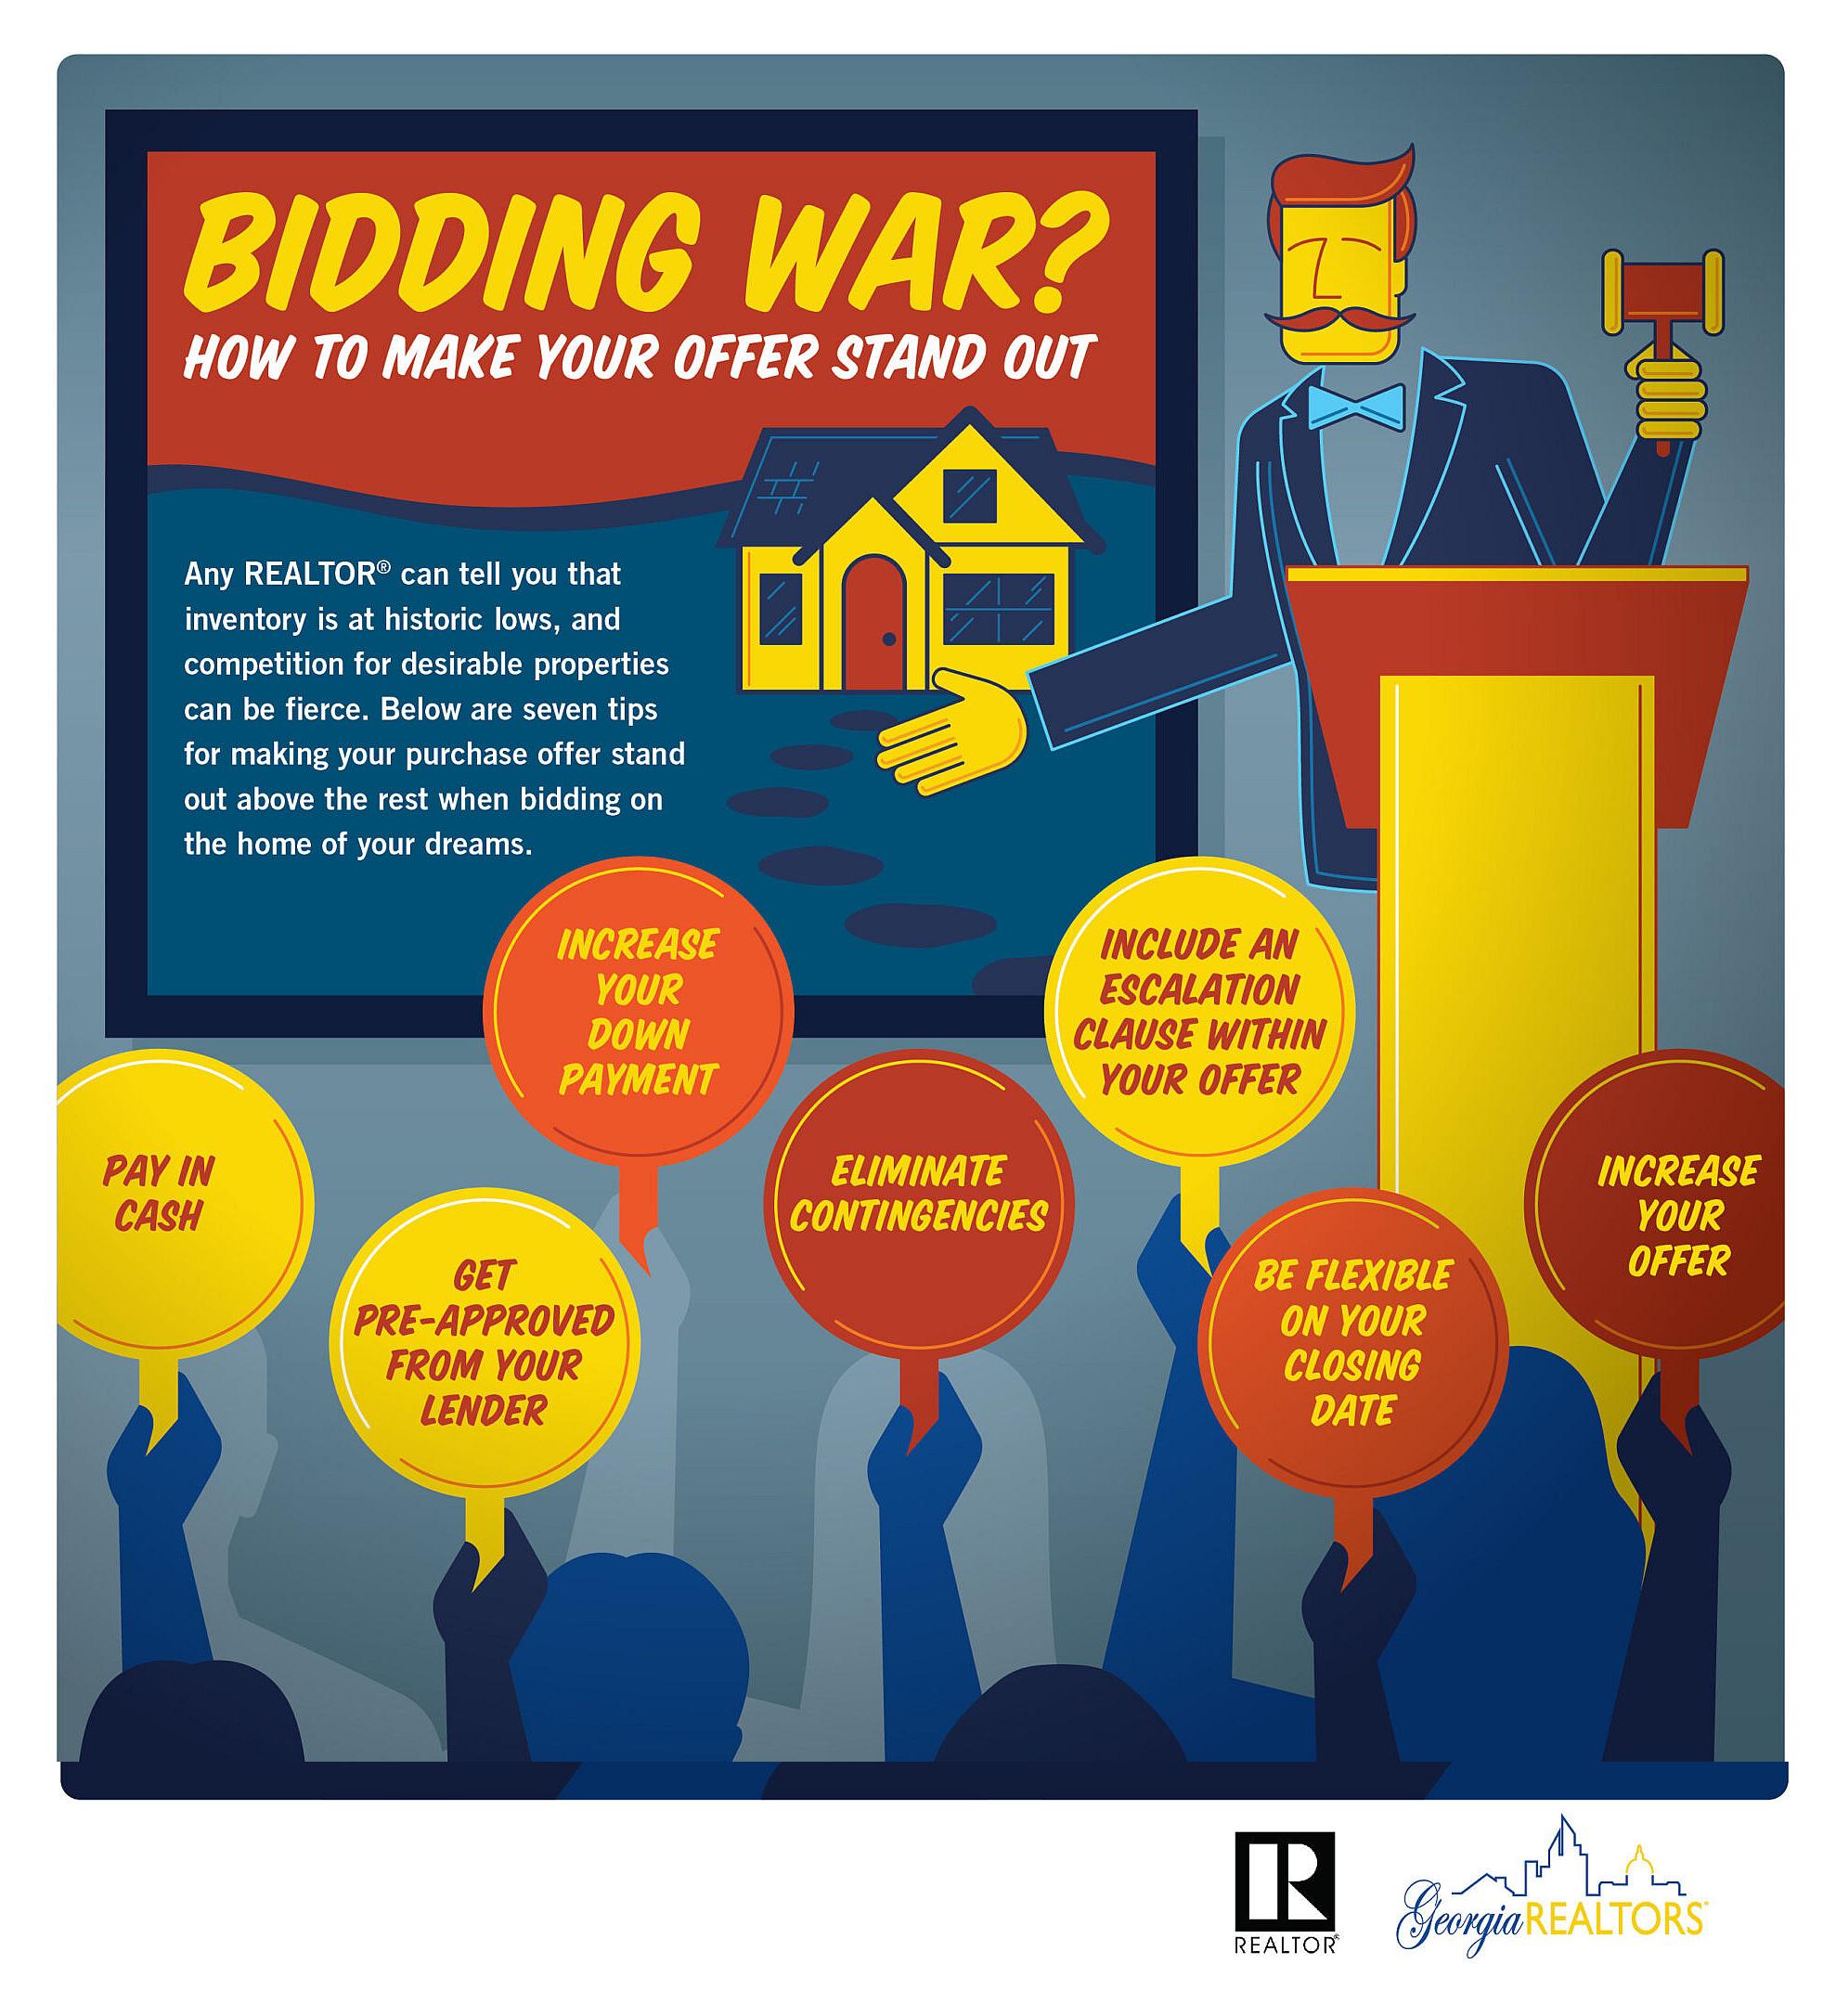 Bidding War?